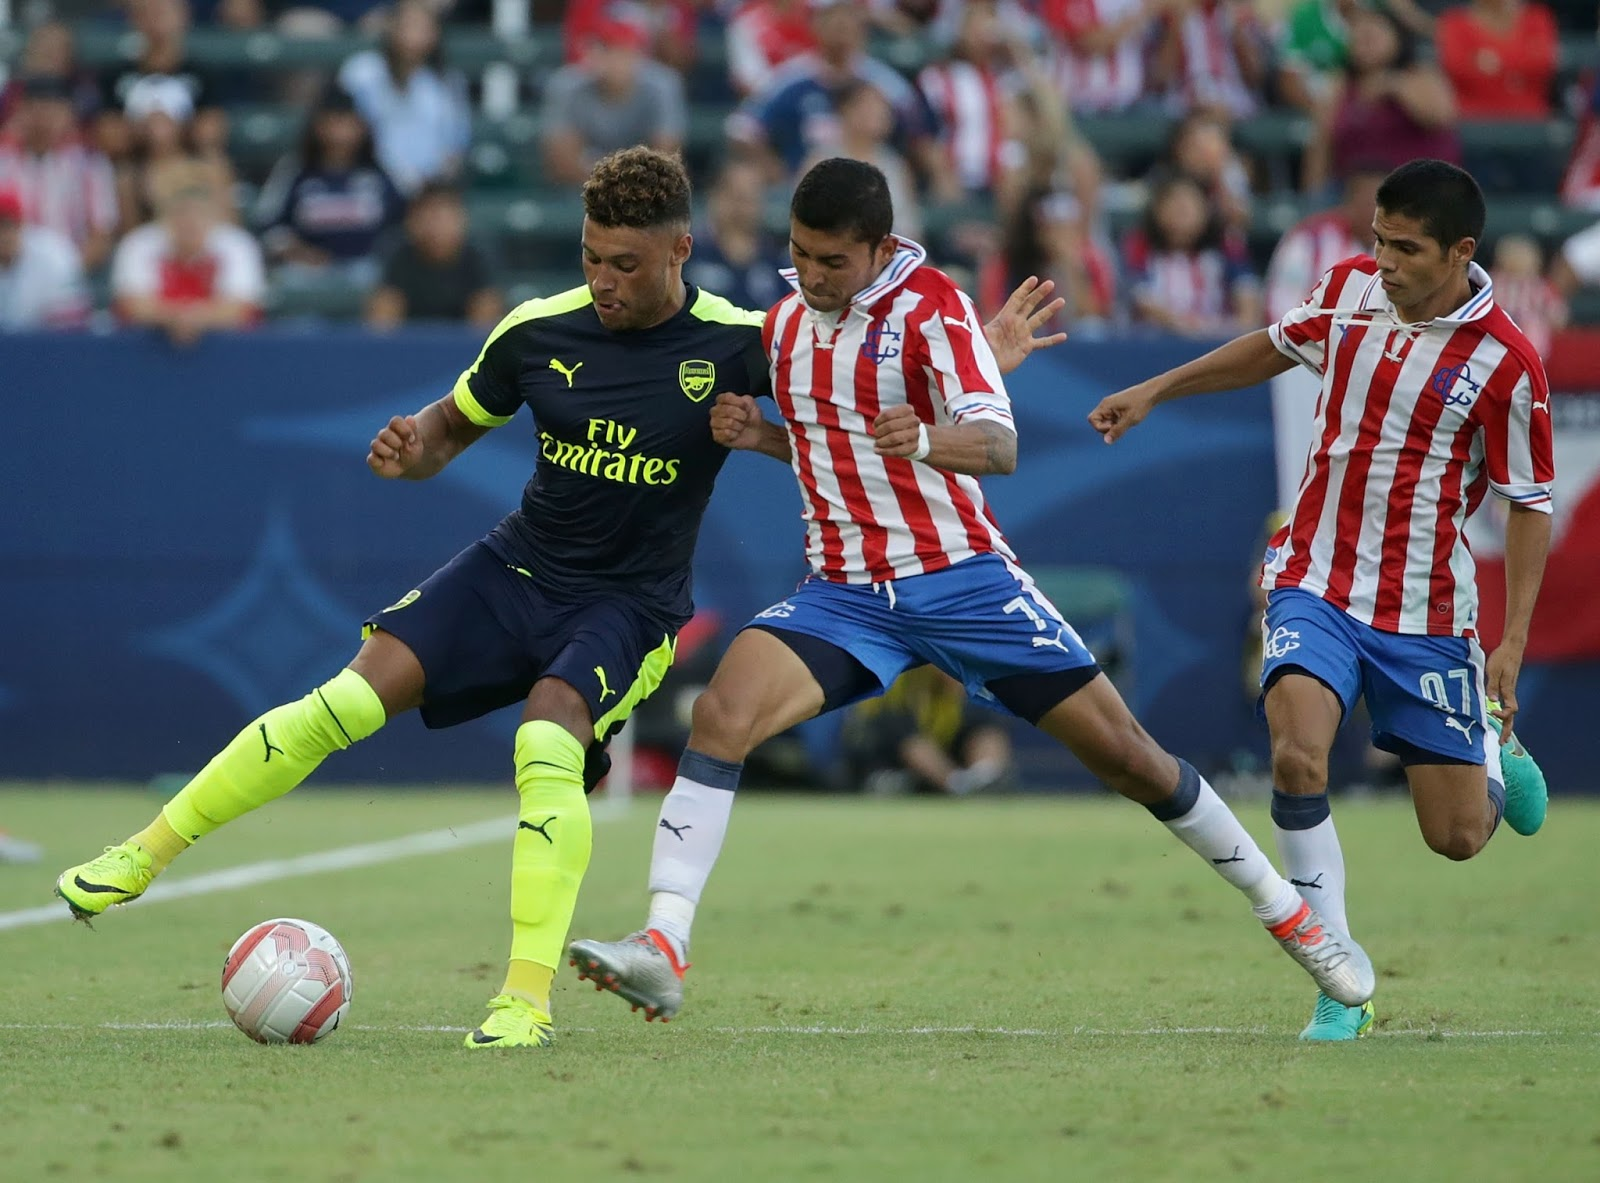 Arsenal se impone a Chivas en un duelo amistoso.